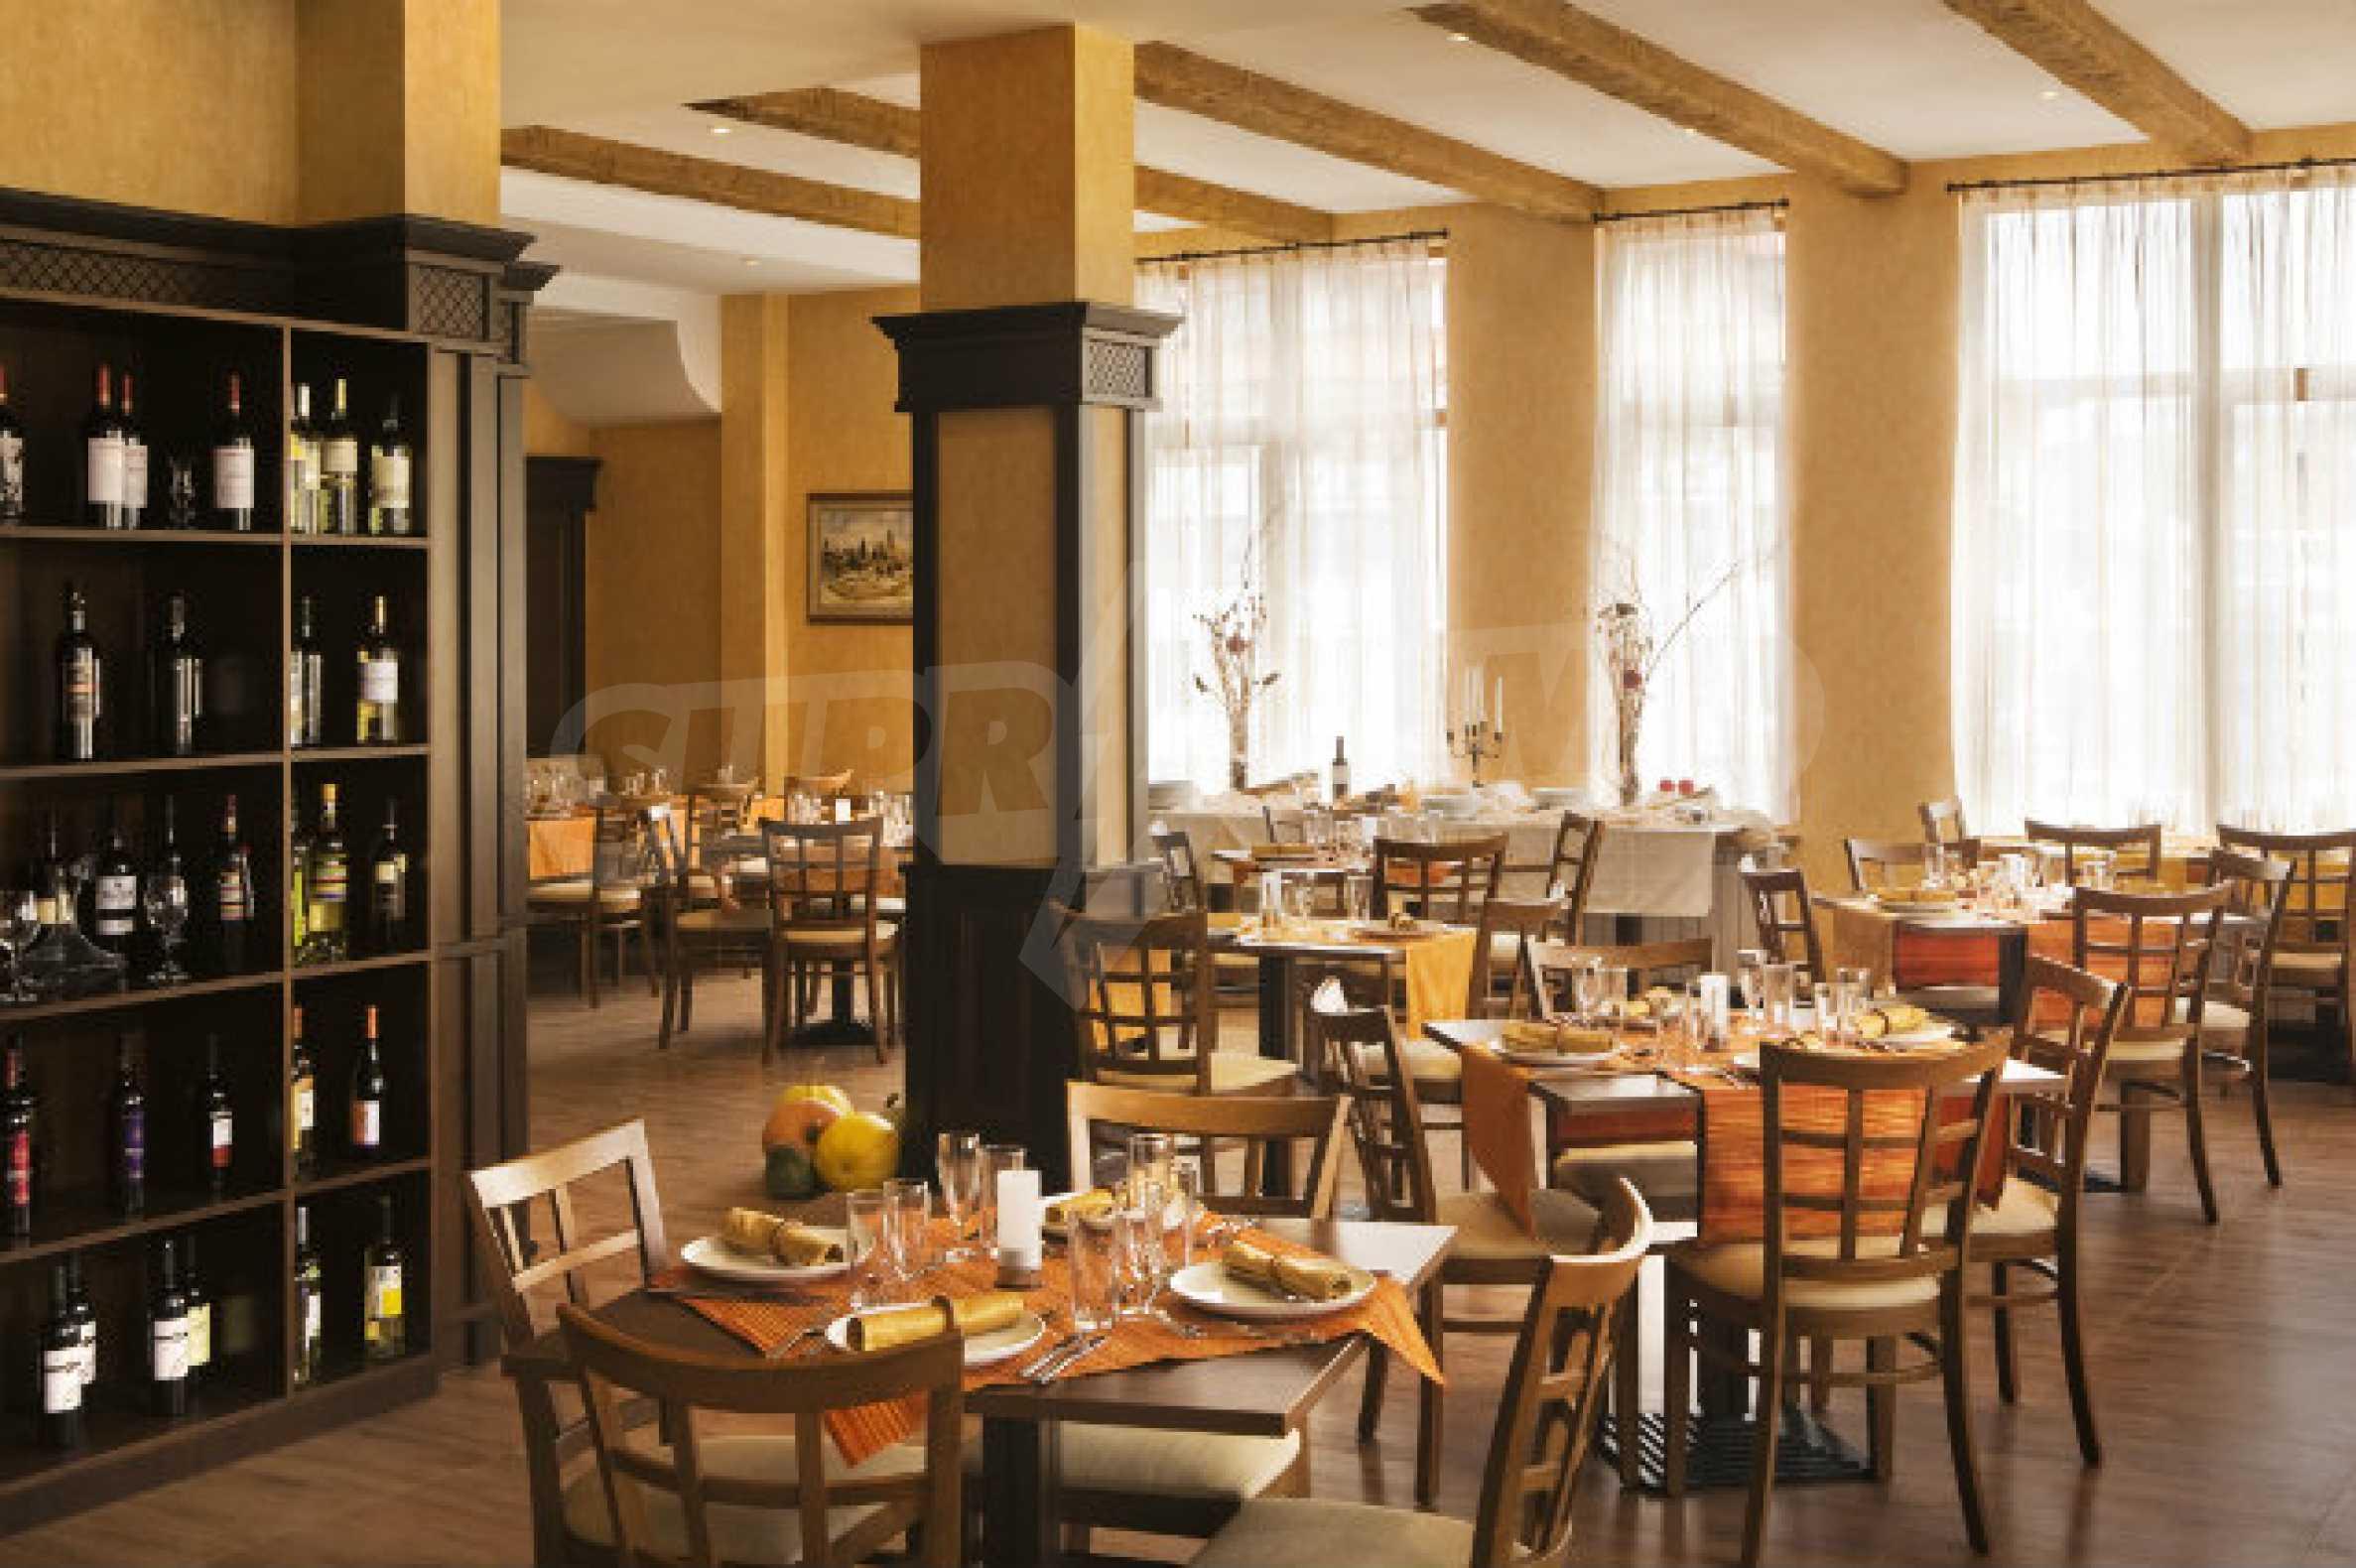 Hotel for sale in the ski resort of Bansko 10